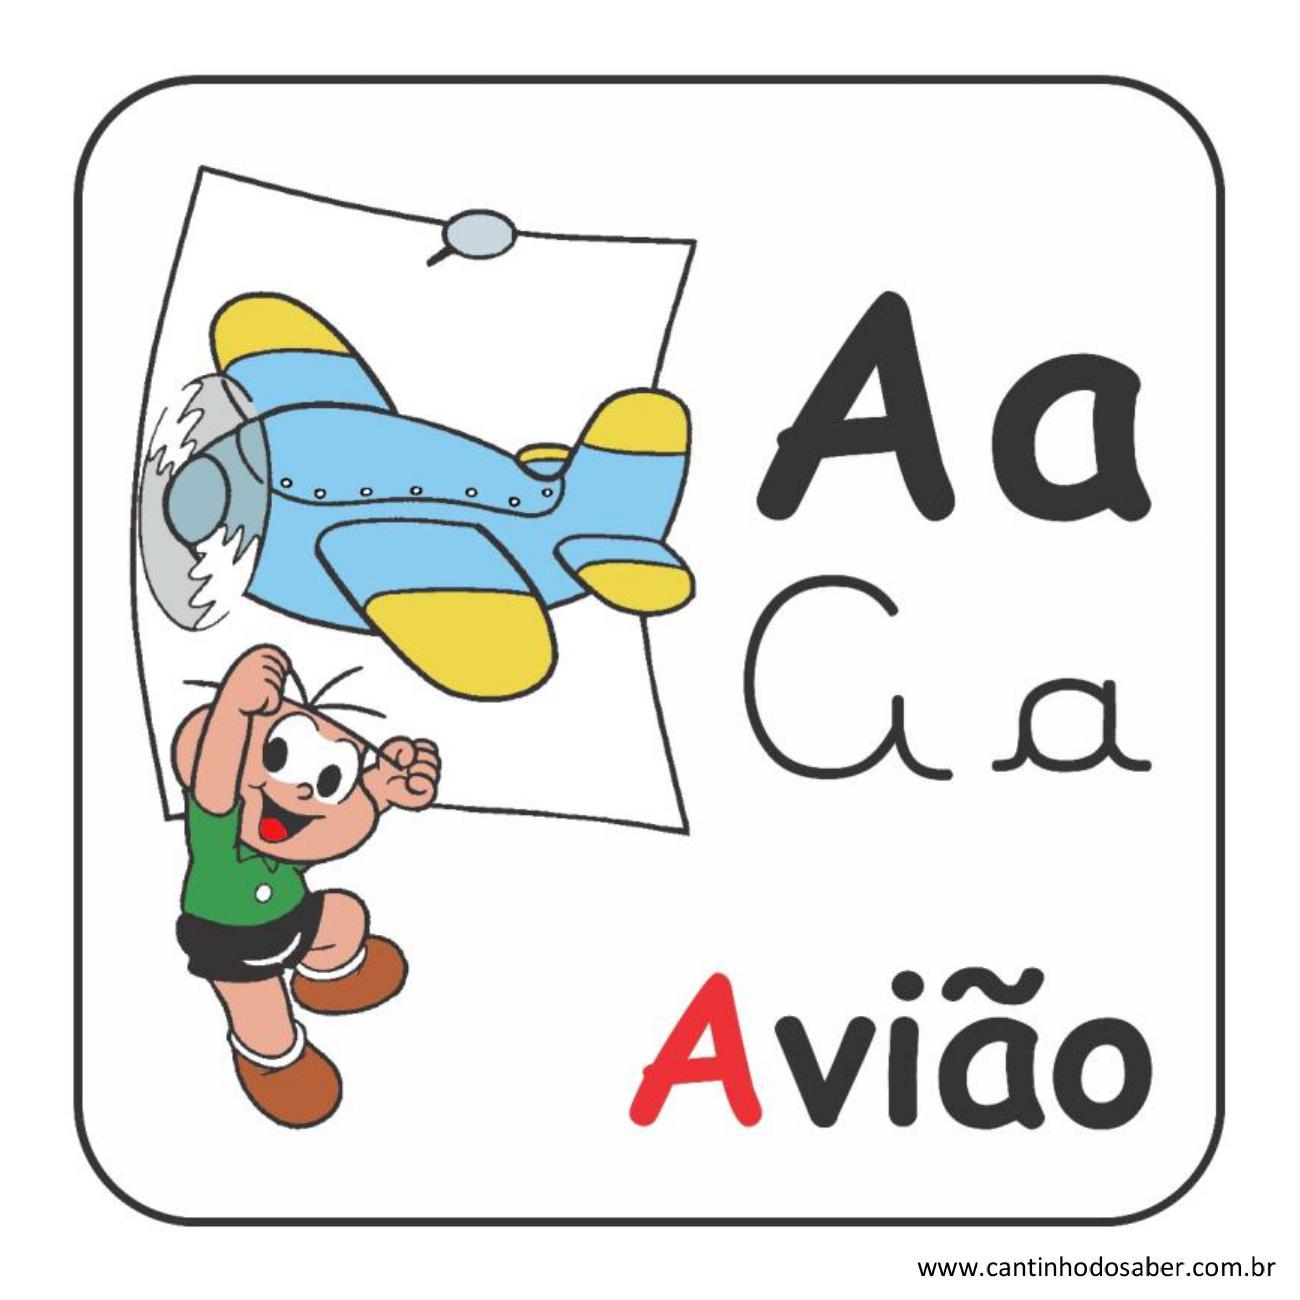 Alfabeto da turma da mônica em letra bastão e cursiva letra a